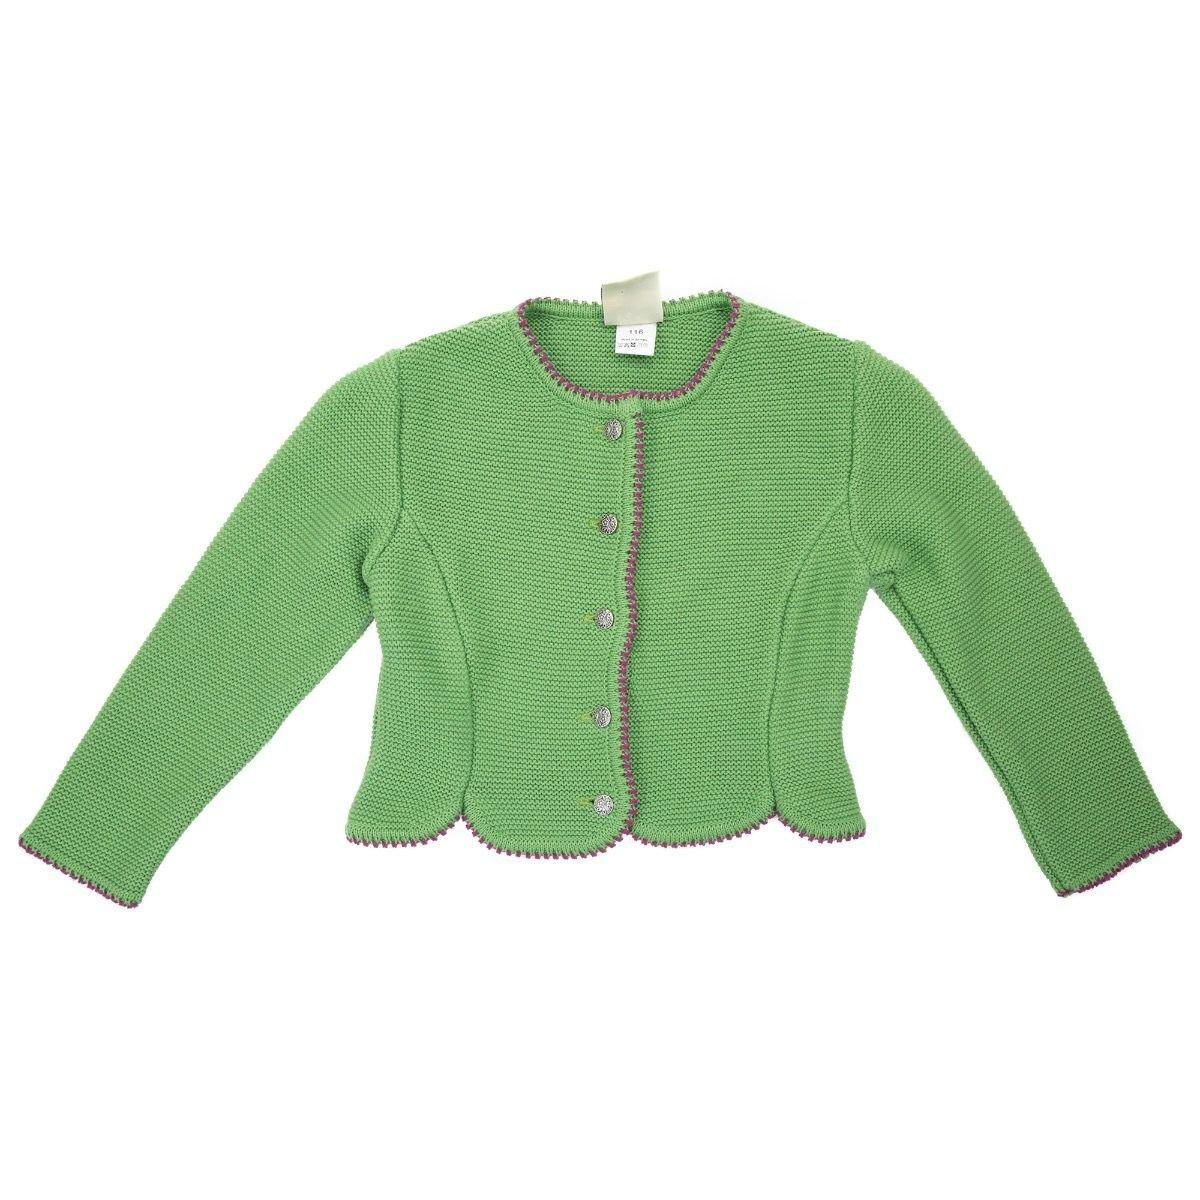 Isar-Trachten - Trachten - Strickweste & Strickjacke für Mädchen - in Verschiedenen Farben:grün, rot, blau, rosa, Altrosa oder pink/Festlich Aber auch zum Alltag